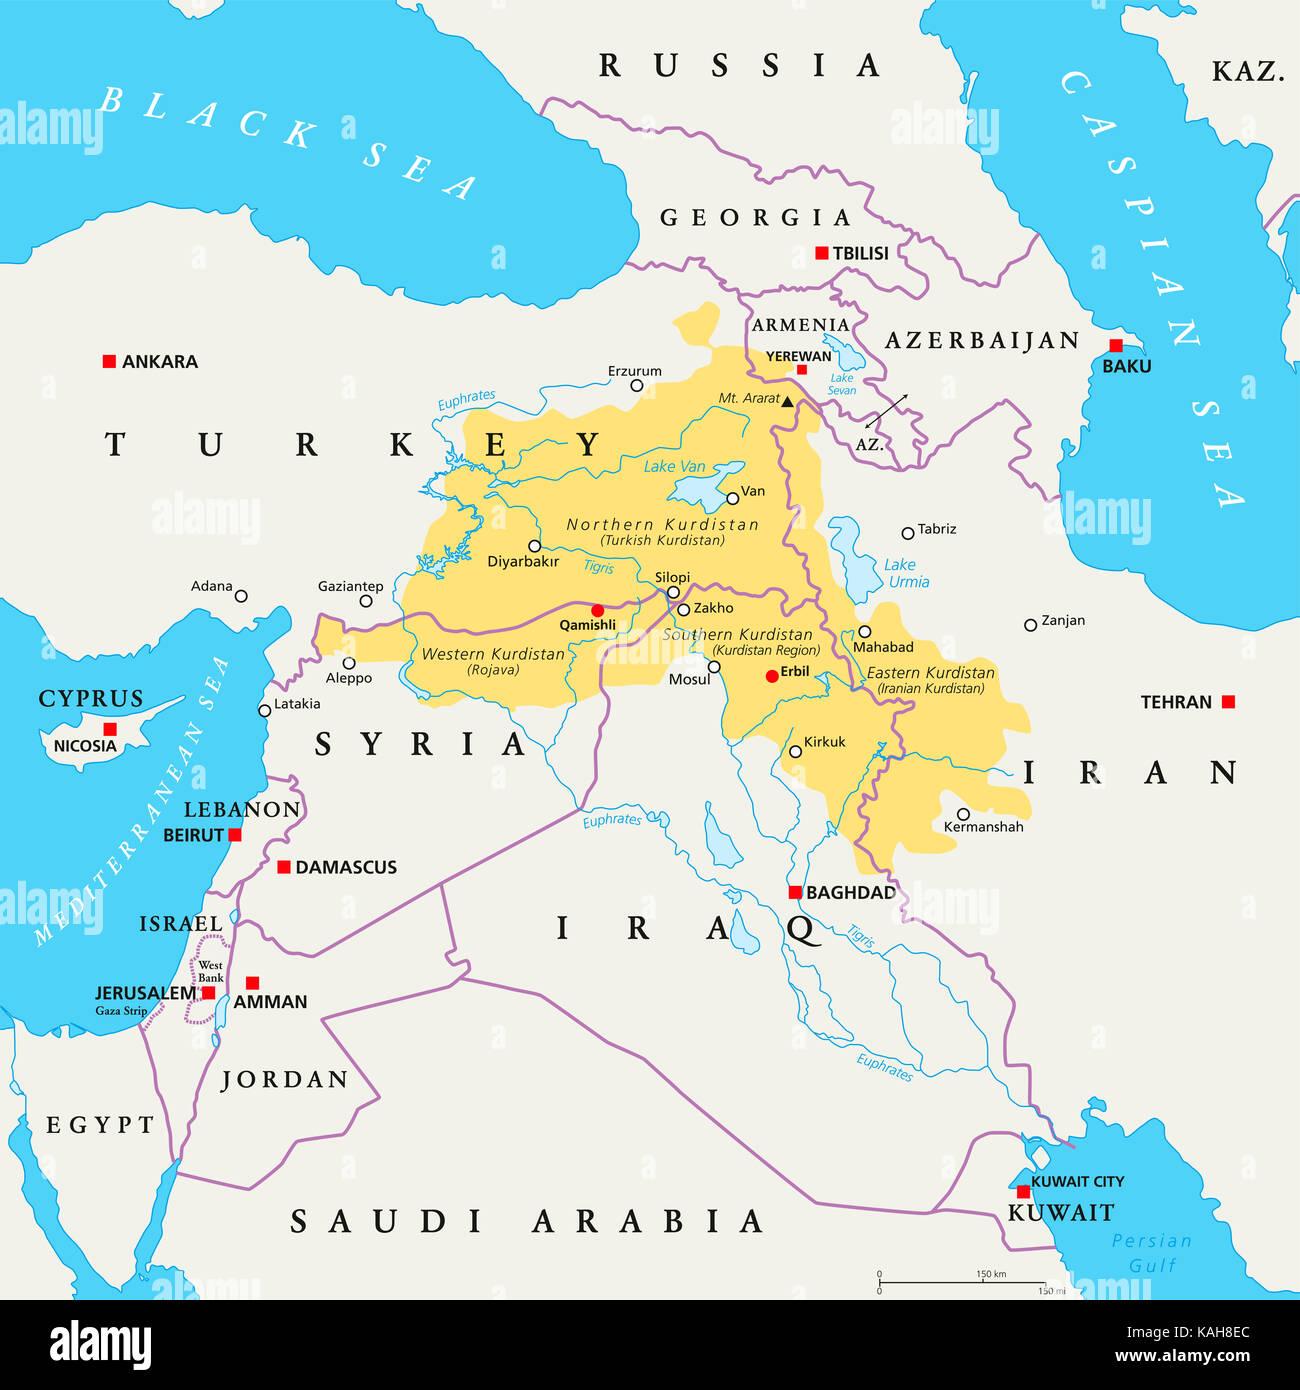 Qamishli Stock Photos Qamishli Stock Images Alamy - Qamishli map